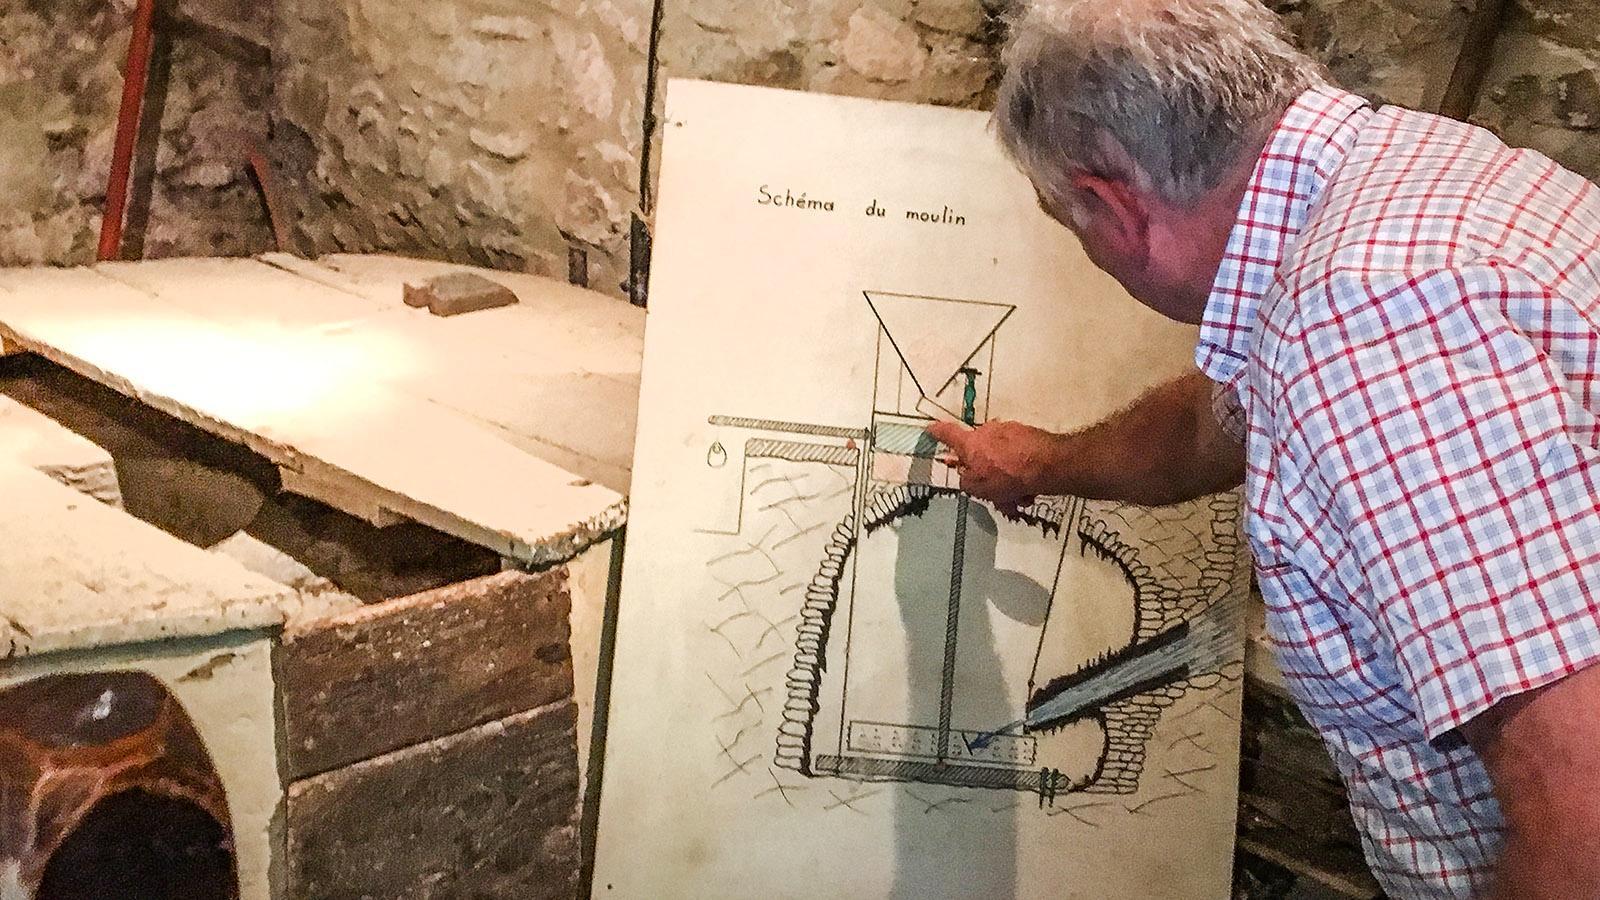 Gorges de Galamus: Plan der mittelalterlichen Mühle am Agly. Foto: Hilke Maunder